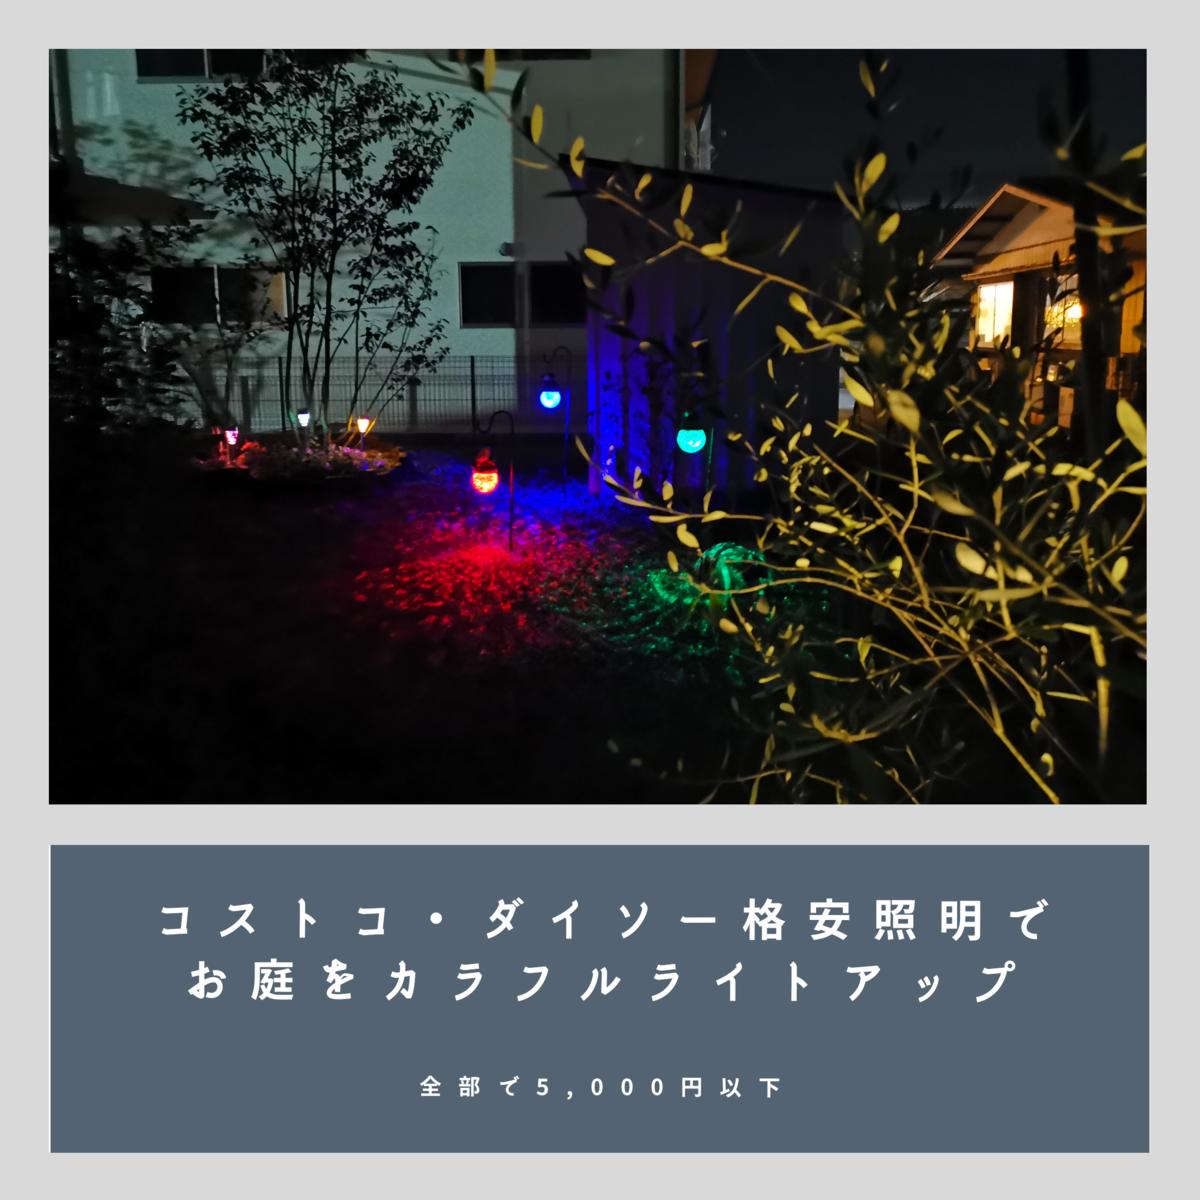 コストコ・ダイソー格安照明でお庭をカラフルライトアップ